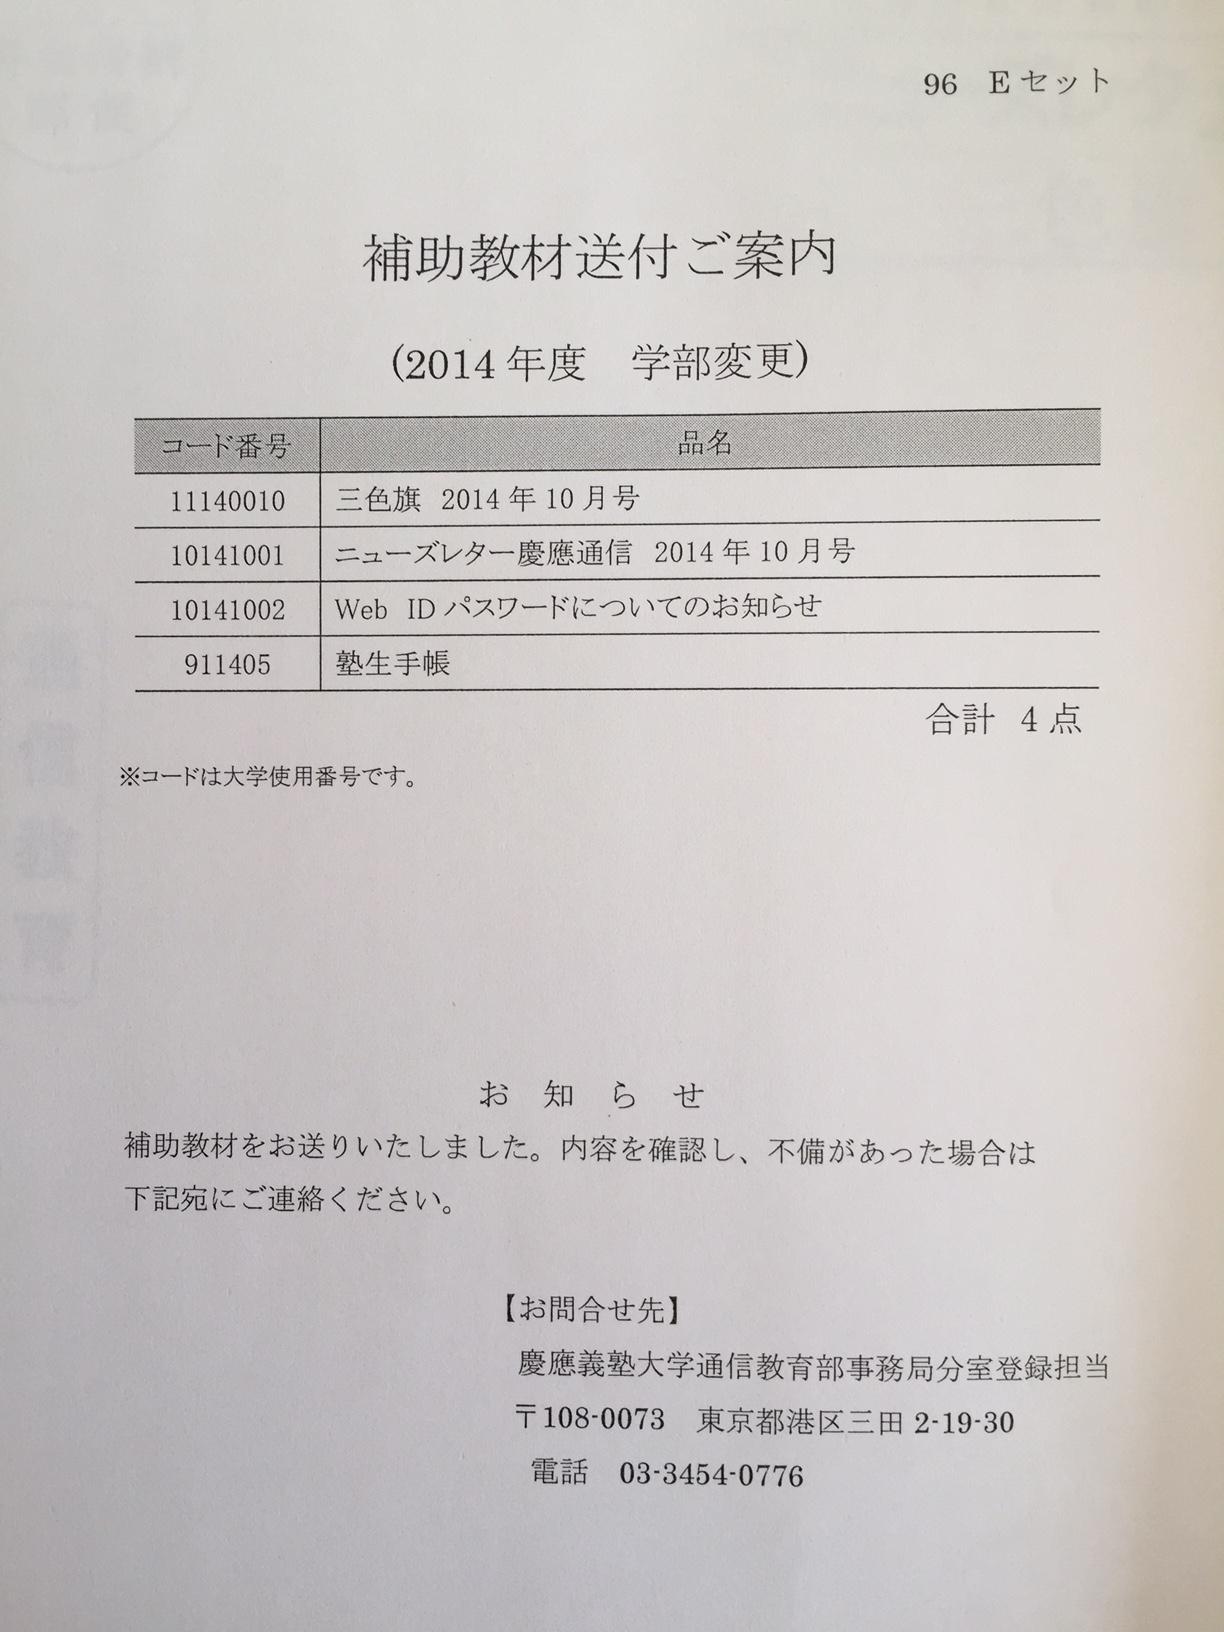 20141003 hojokyouzai souhu goannnai